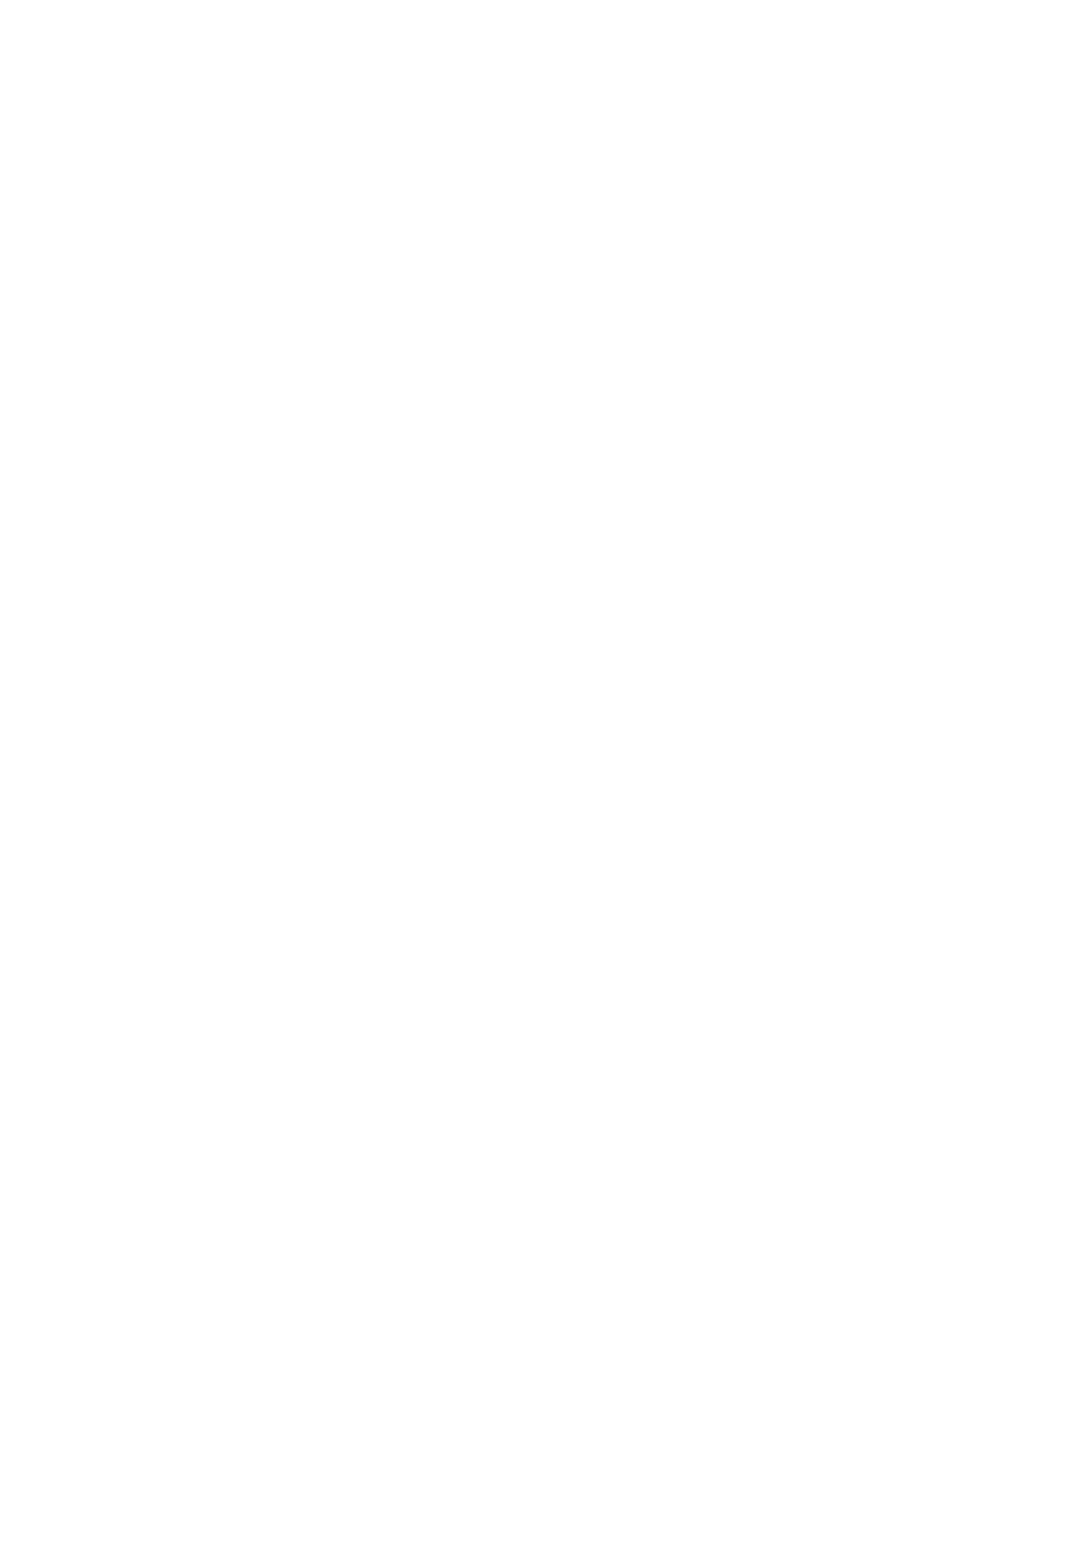 【淫乱看護師エロ漫画】女の子の性欲を操作する事ができるリモコンを手にいれた千支沢はリモコンを使い処女の看護師とイチャラブセックス【薔薇色の日々/ITOYOKO】